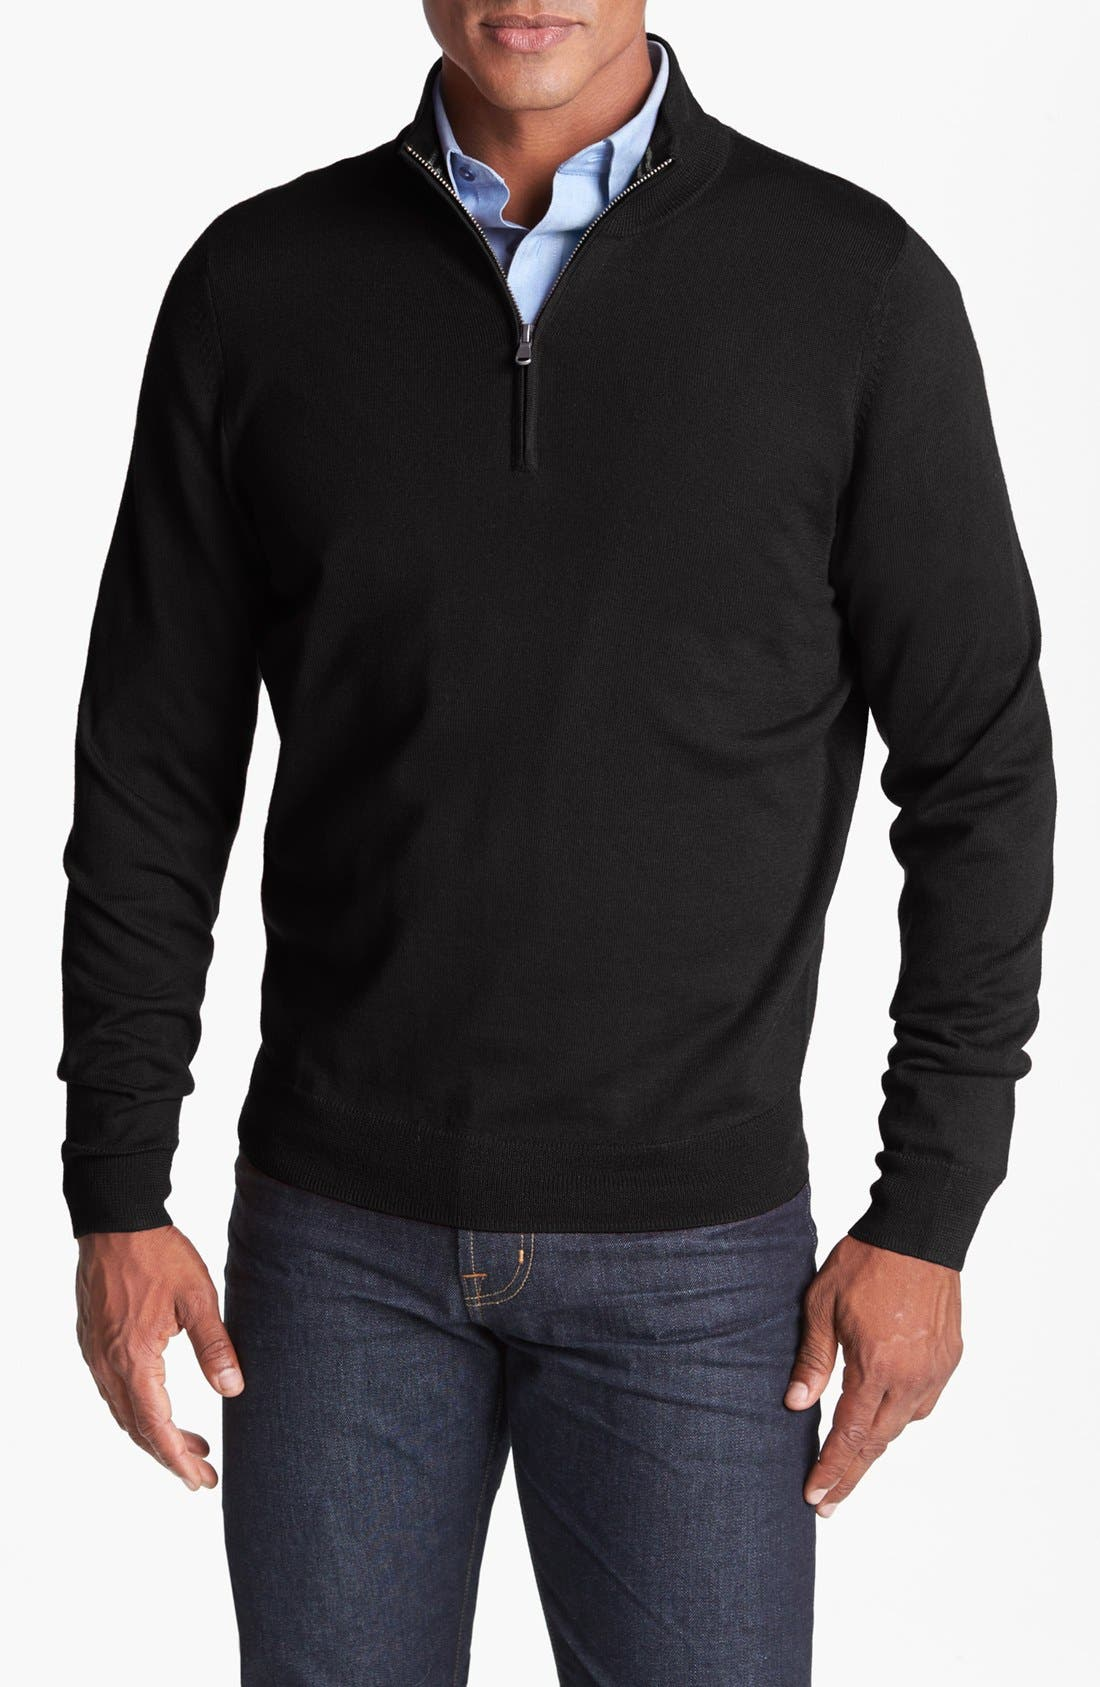 NORDSTROM MEN'S SHOP,                             Half Zip Merino Wool Sweater,                             Main thumbnail 1, color,                             001